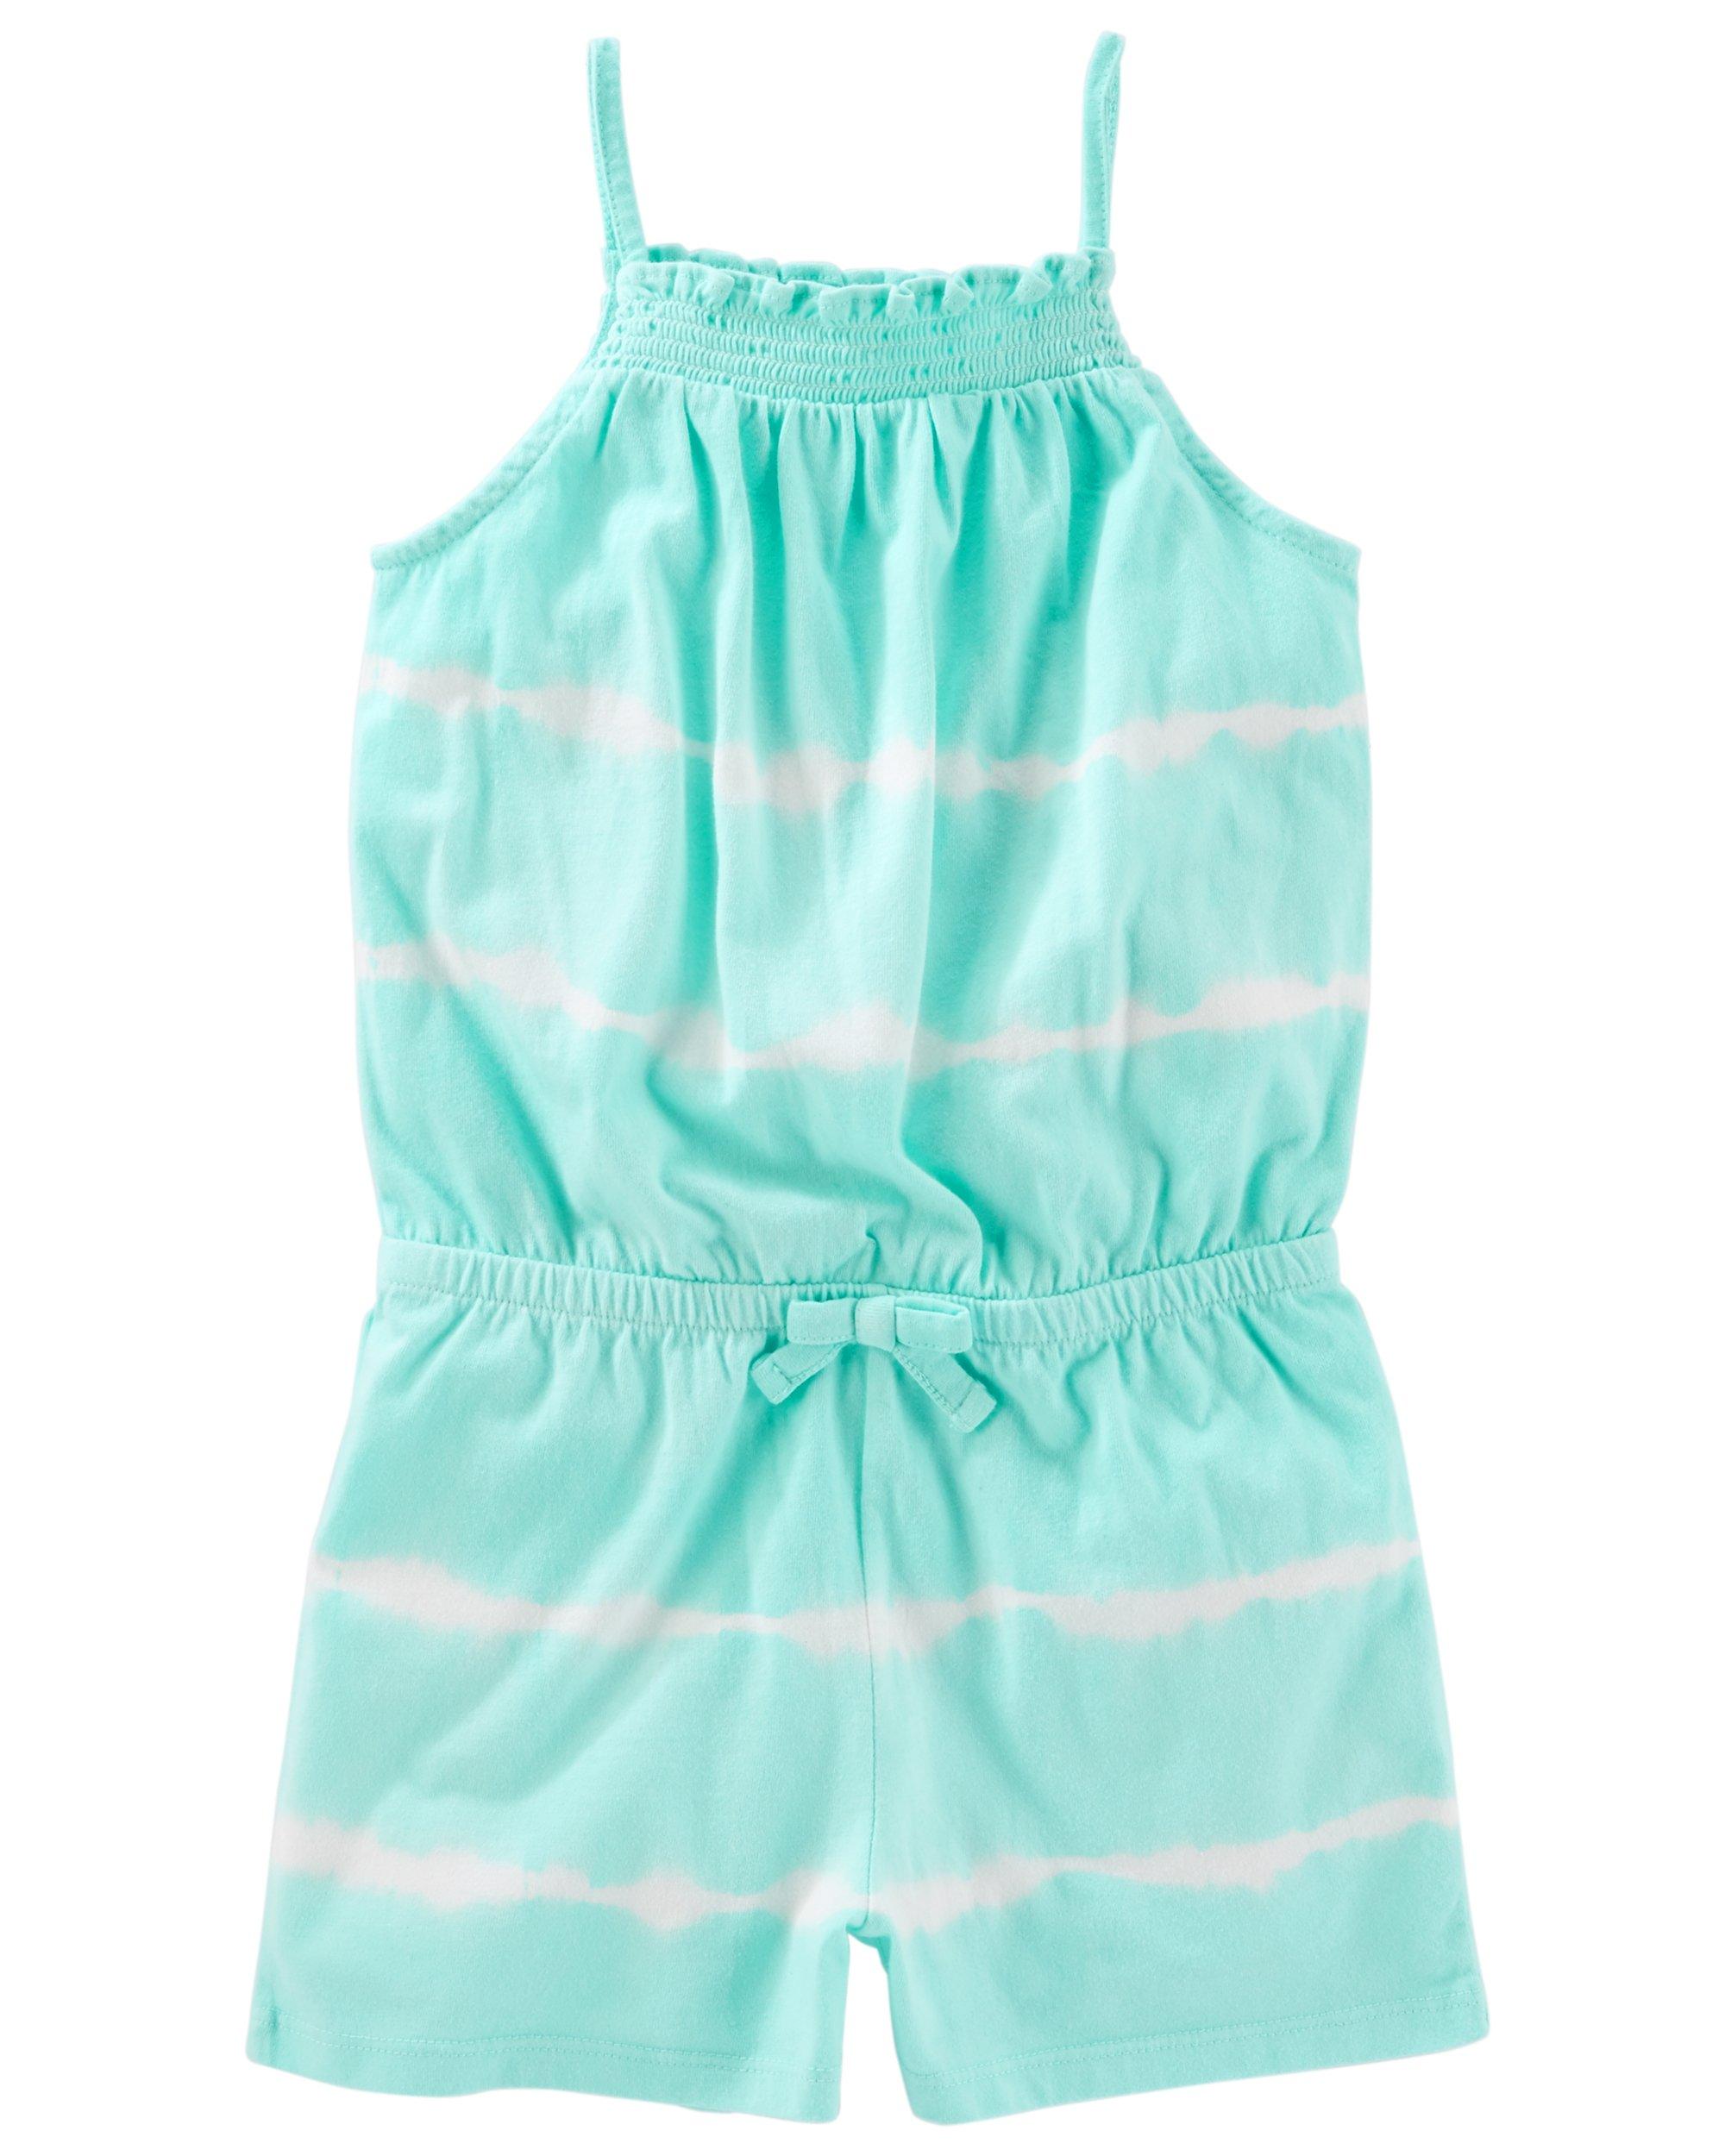 Osh Kosh Girls' Toddler Sleeveless Romper, Mint, 5T by OshKosh B'Gosh